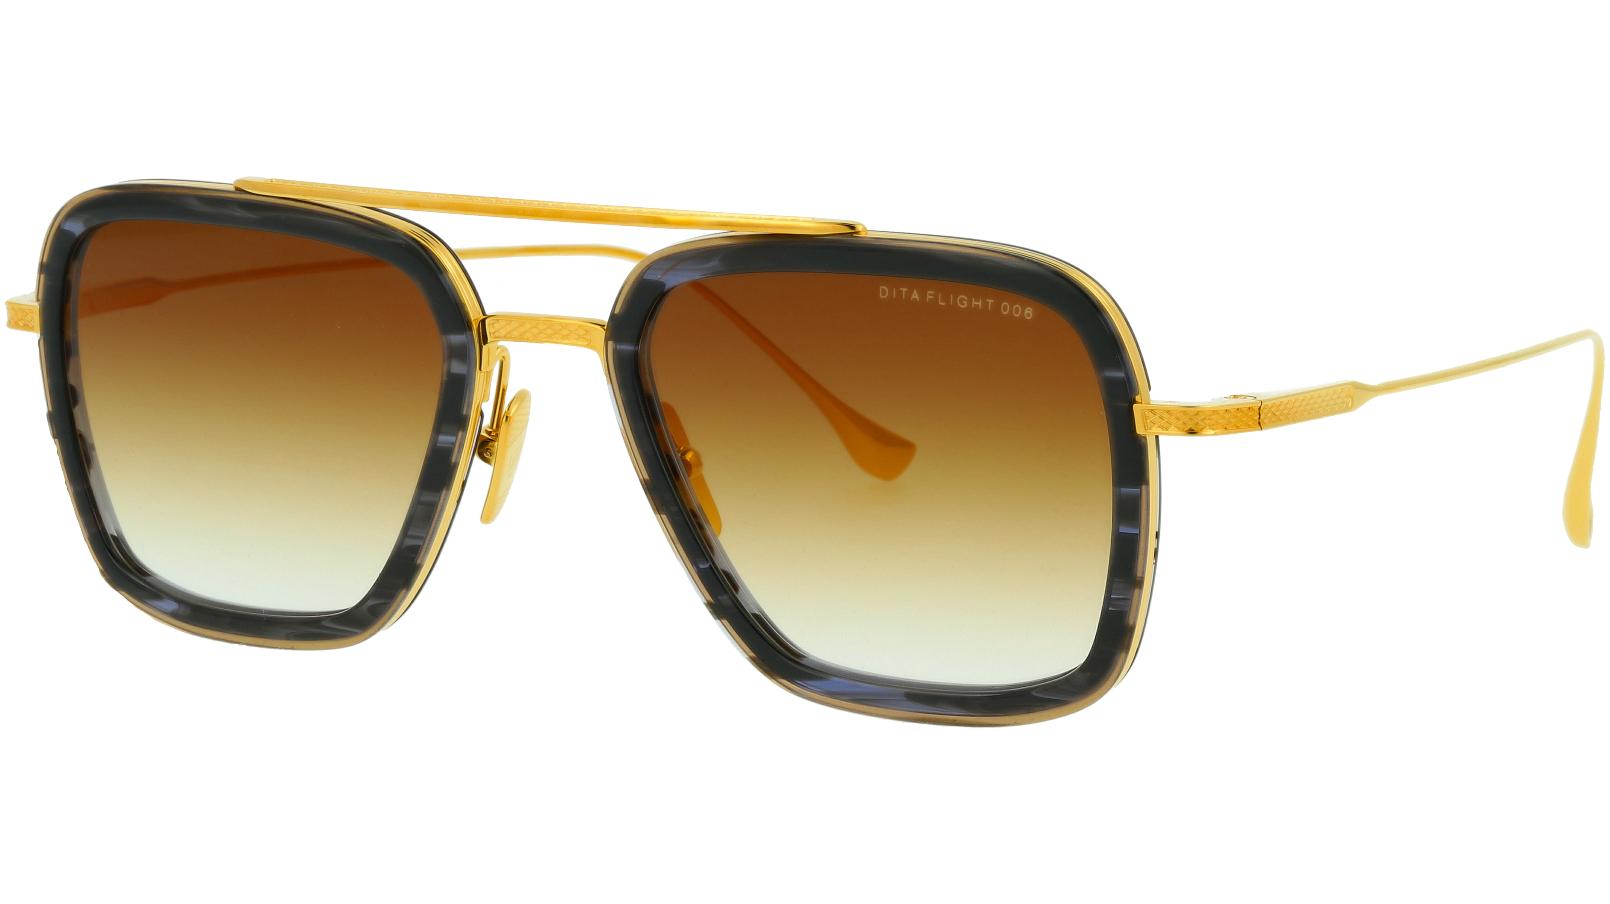 DITA FLIGHT.006 DRX7806 F-BLACK 52 GOLD Sunglasses